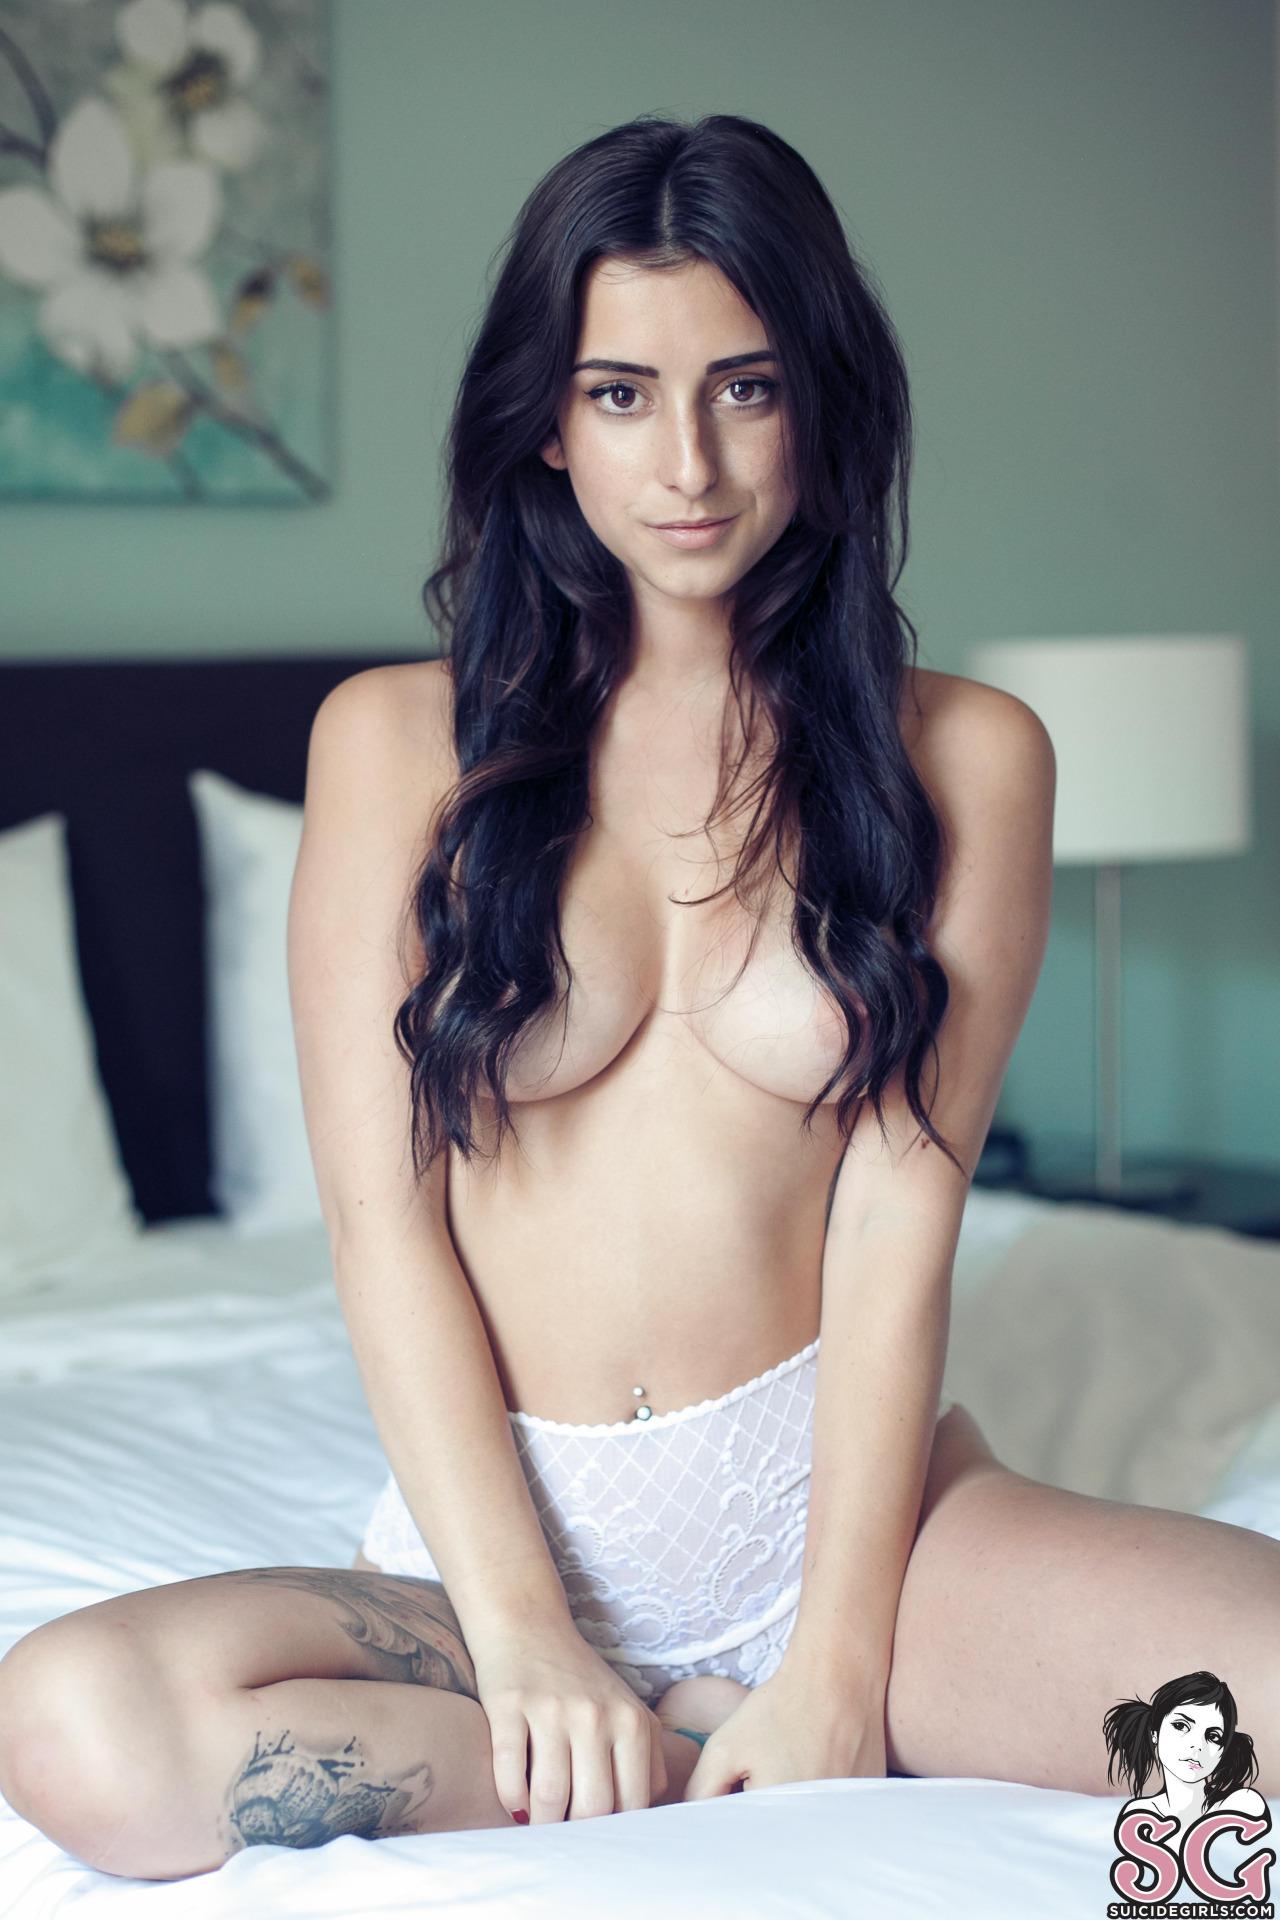 photos suicide girls boobs